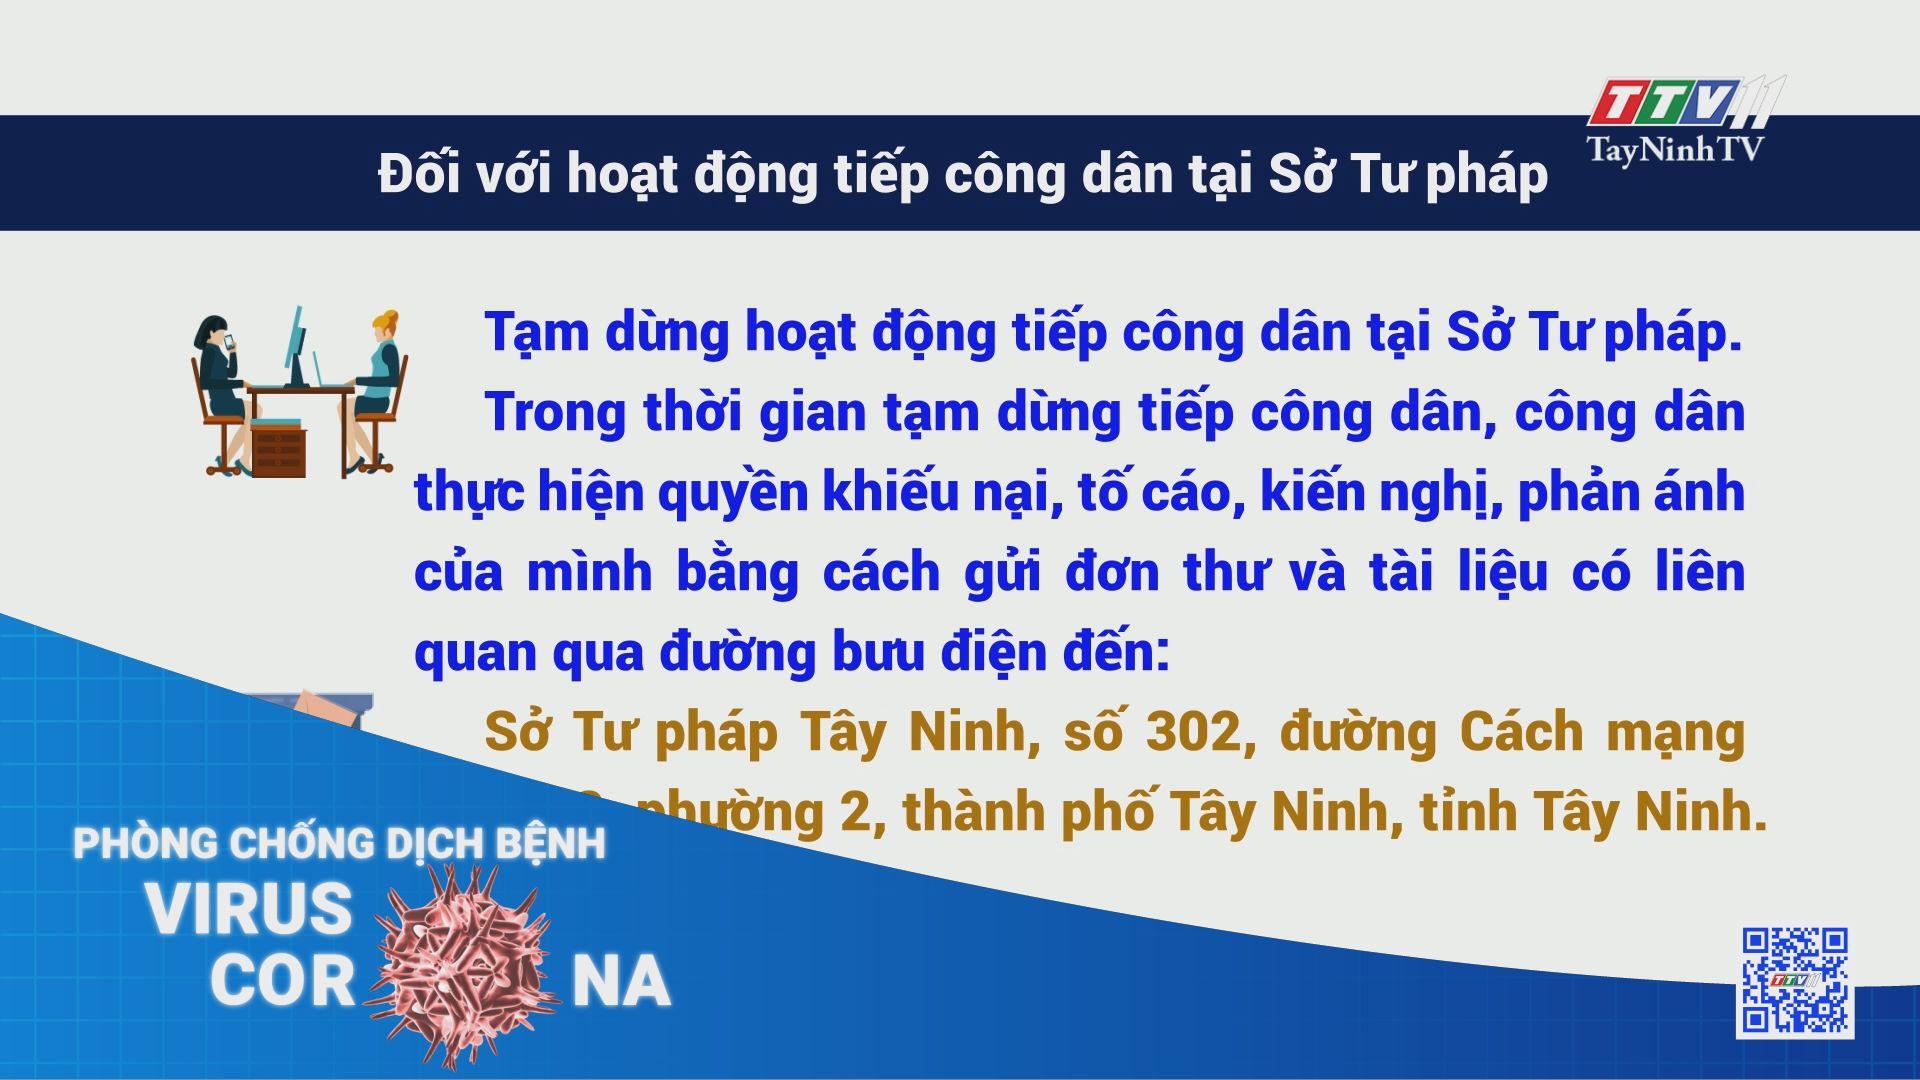 Thông báo về việc tiếp tục tạm dừng tiếp công dân tại Sở Tư pháp | THÔNG TIN DỊCH COVID-19 | TayNinhTV